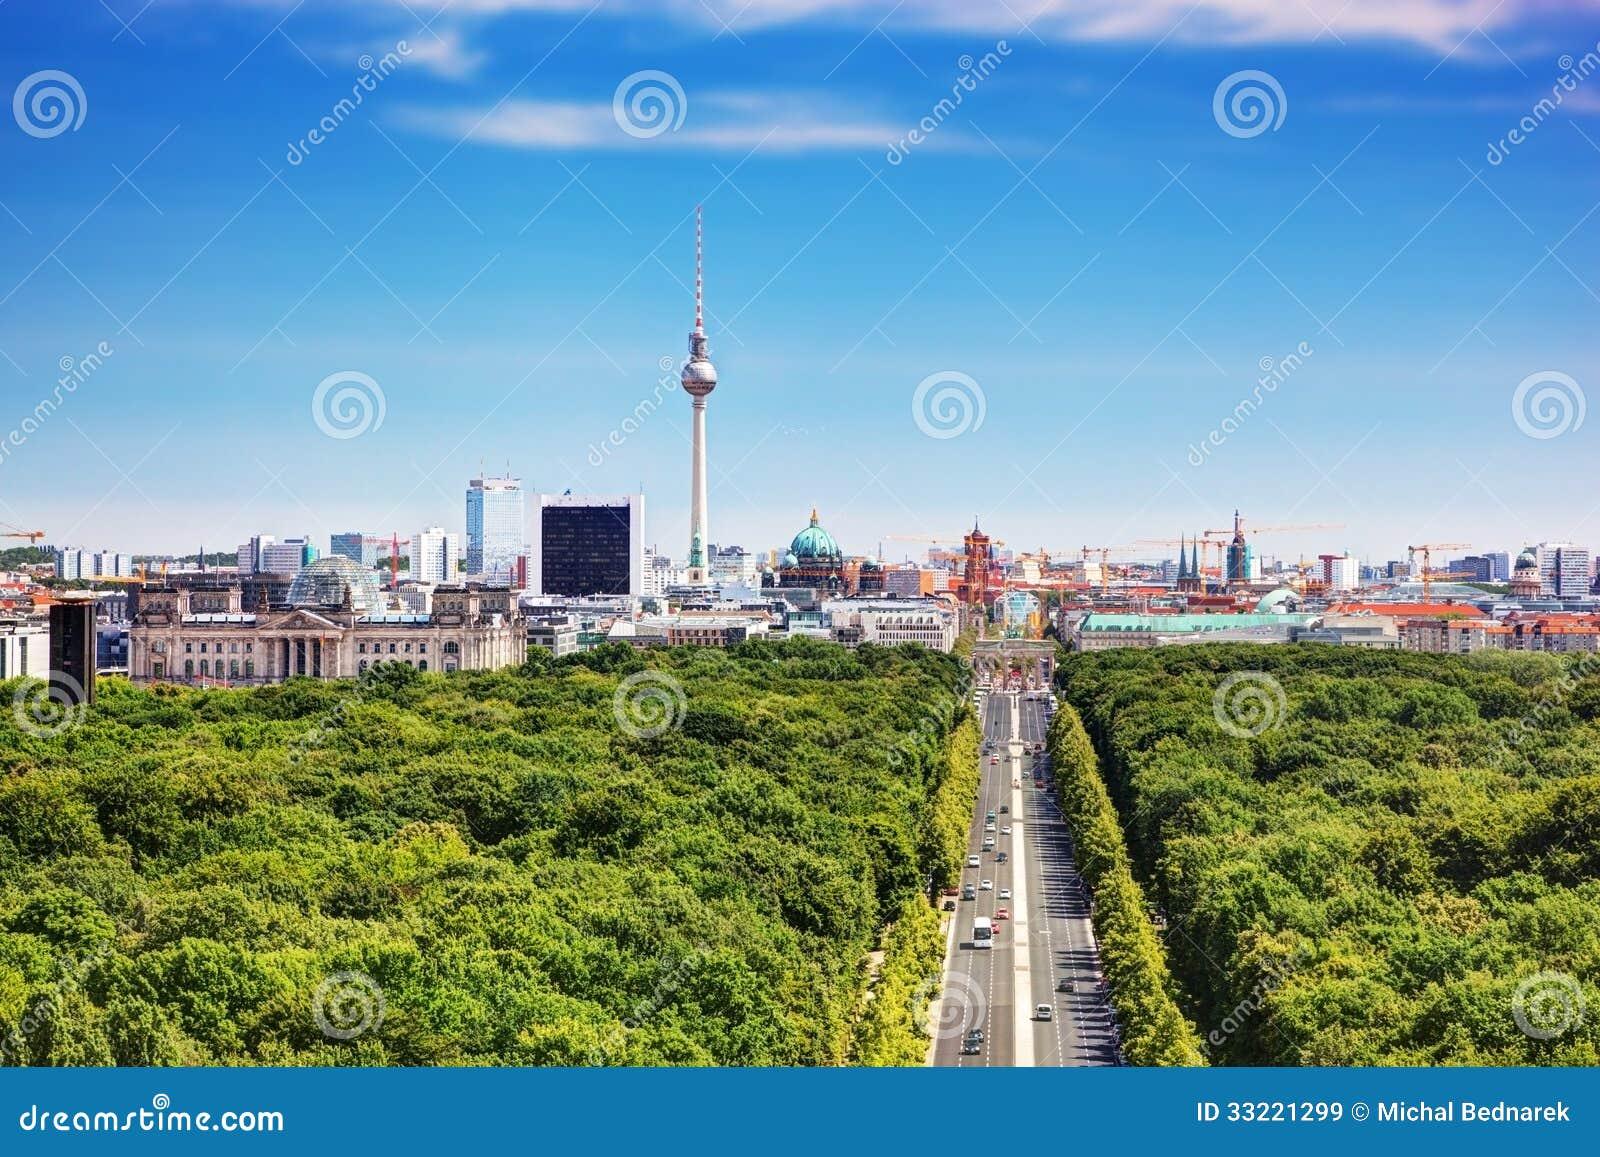 Berlin-Panorama. Berlin Fernsehturm und bedeutende Marksteine